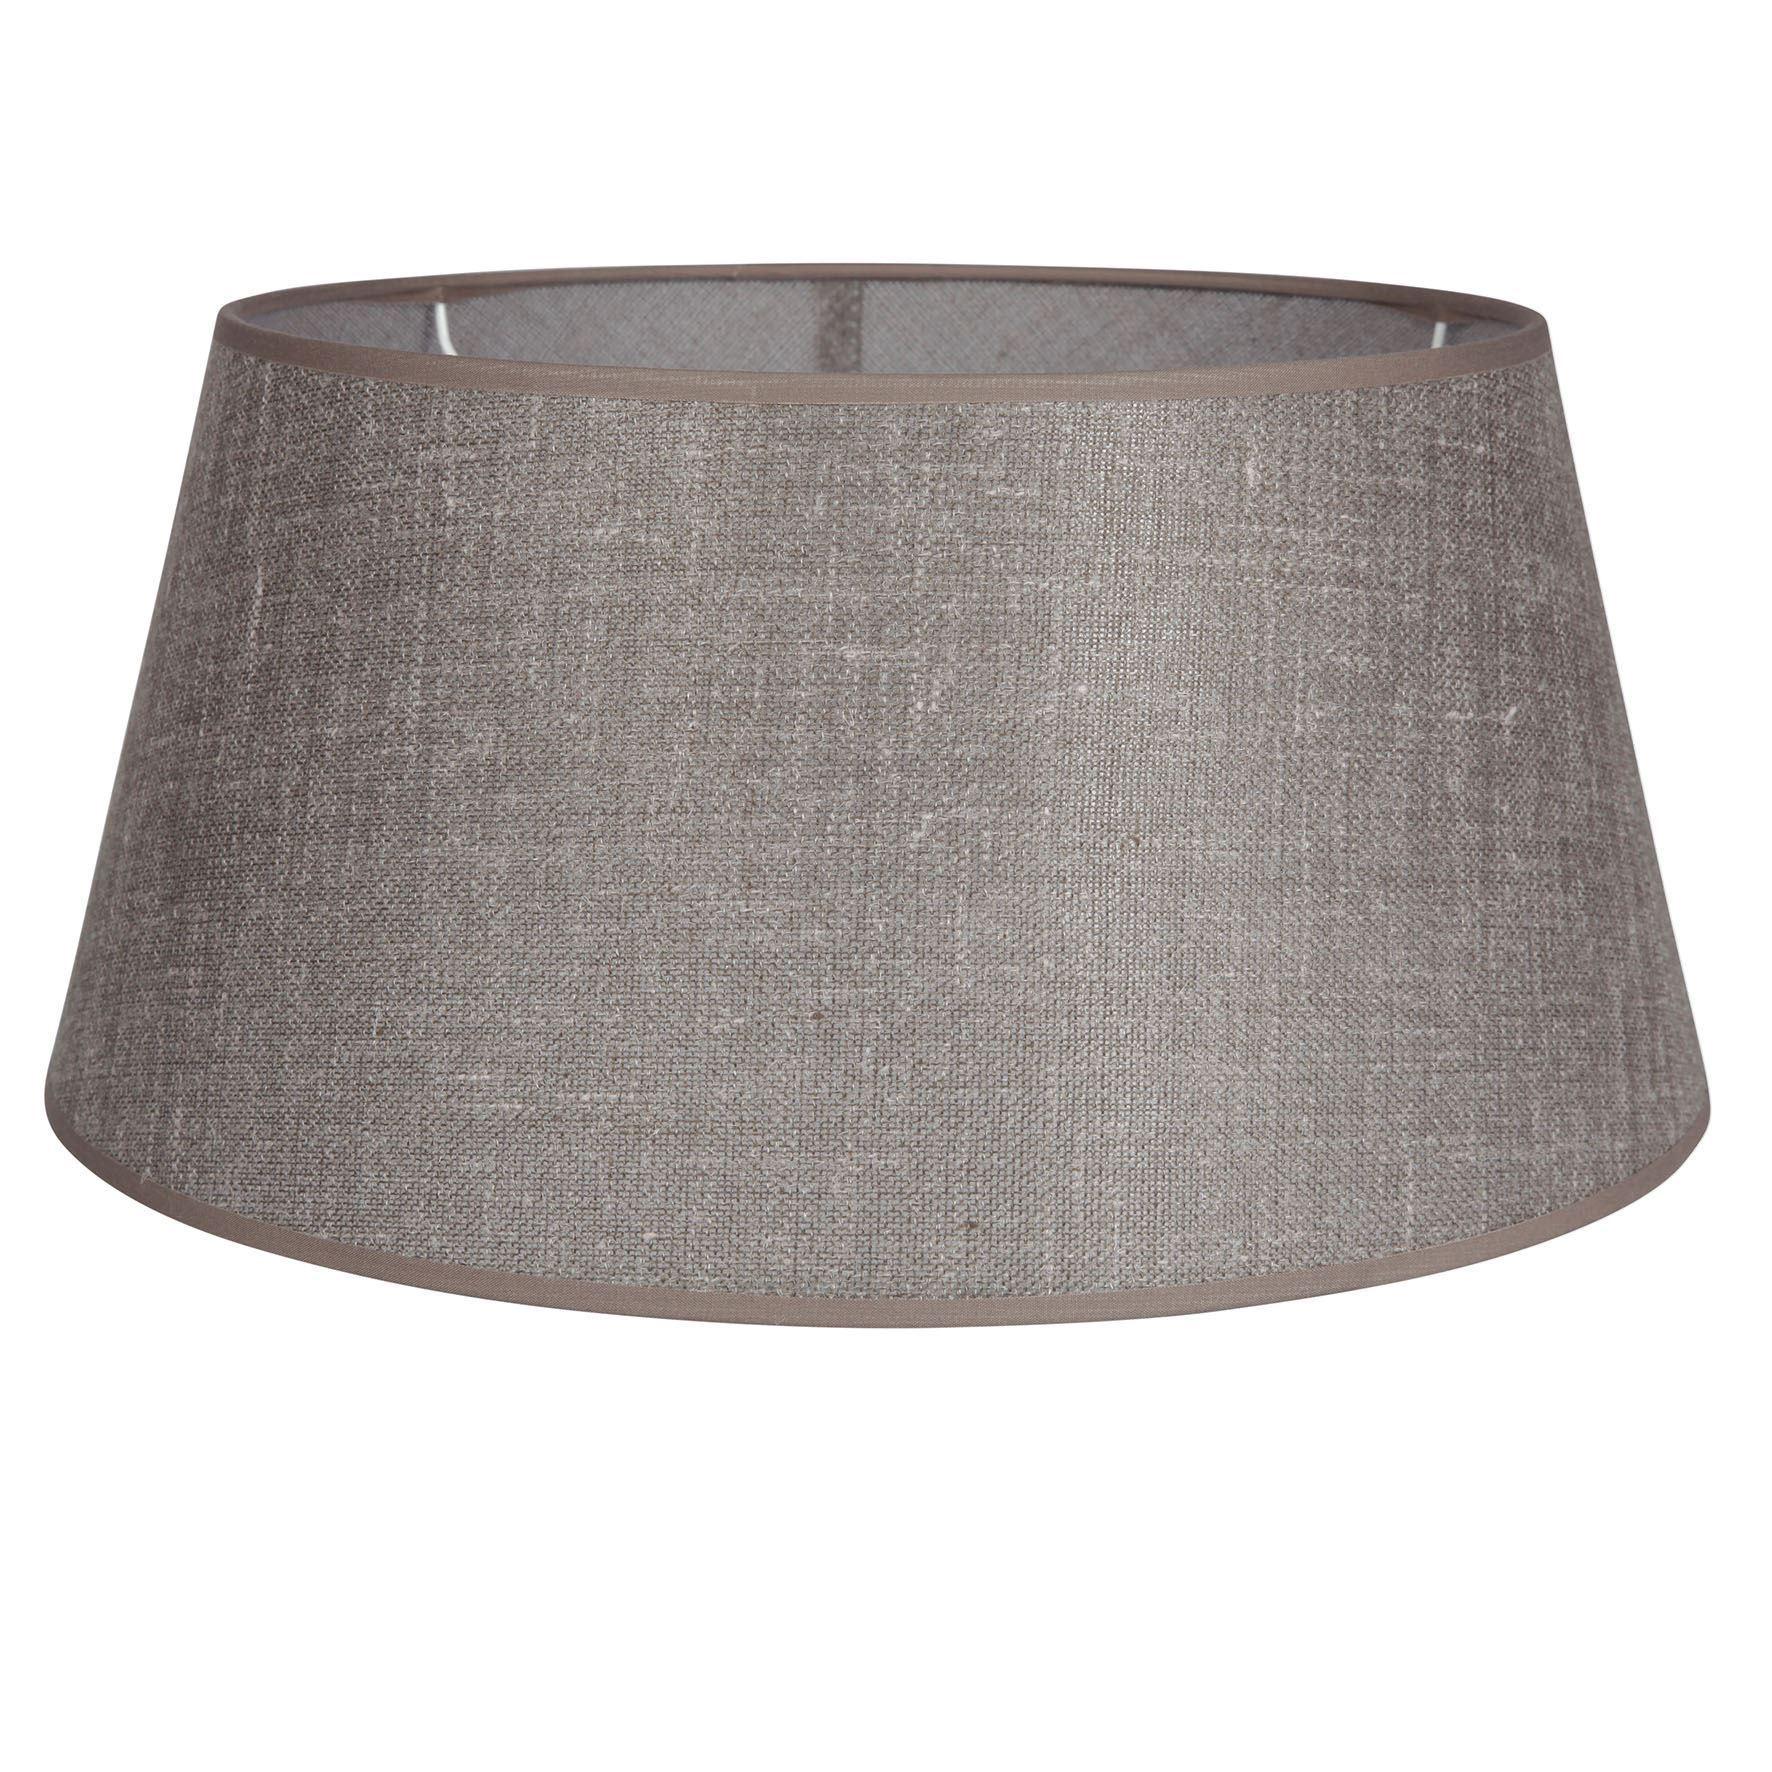 Taupe Lampshade Q 40 Cm Cumba Selection Mobilya Dekorasyon